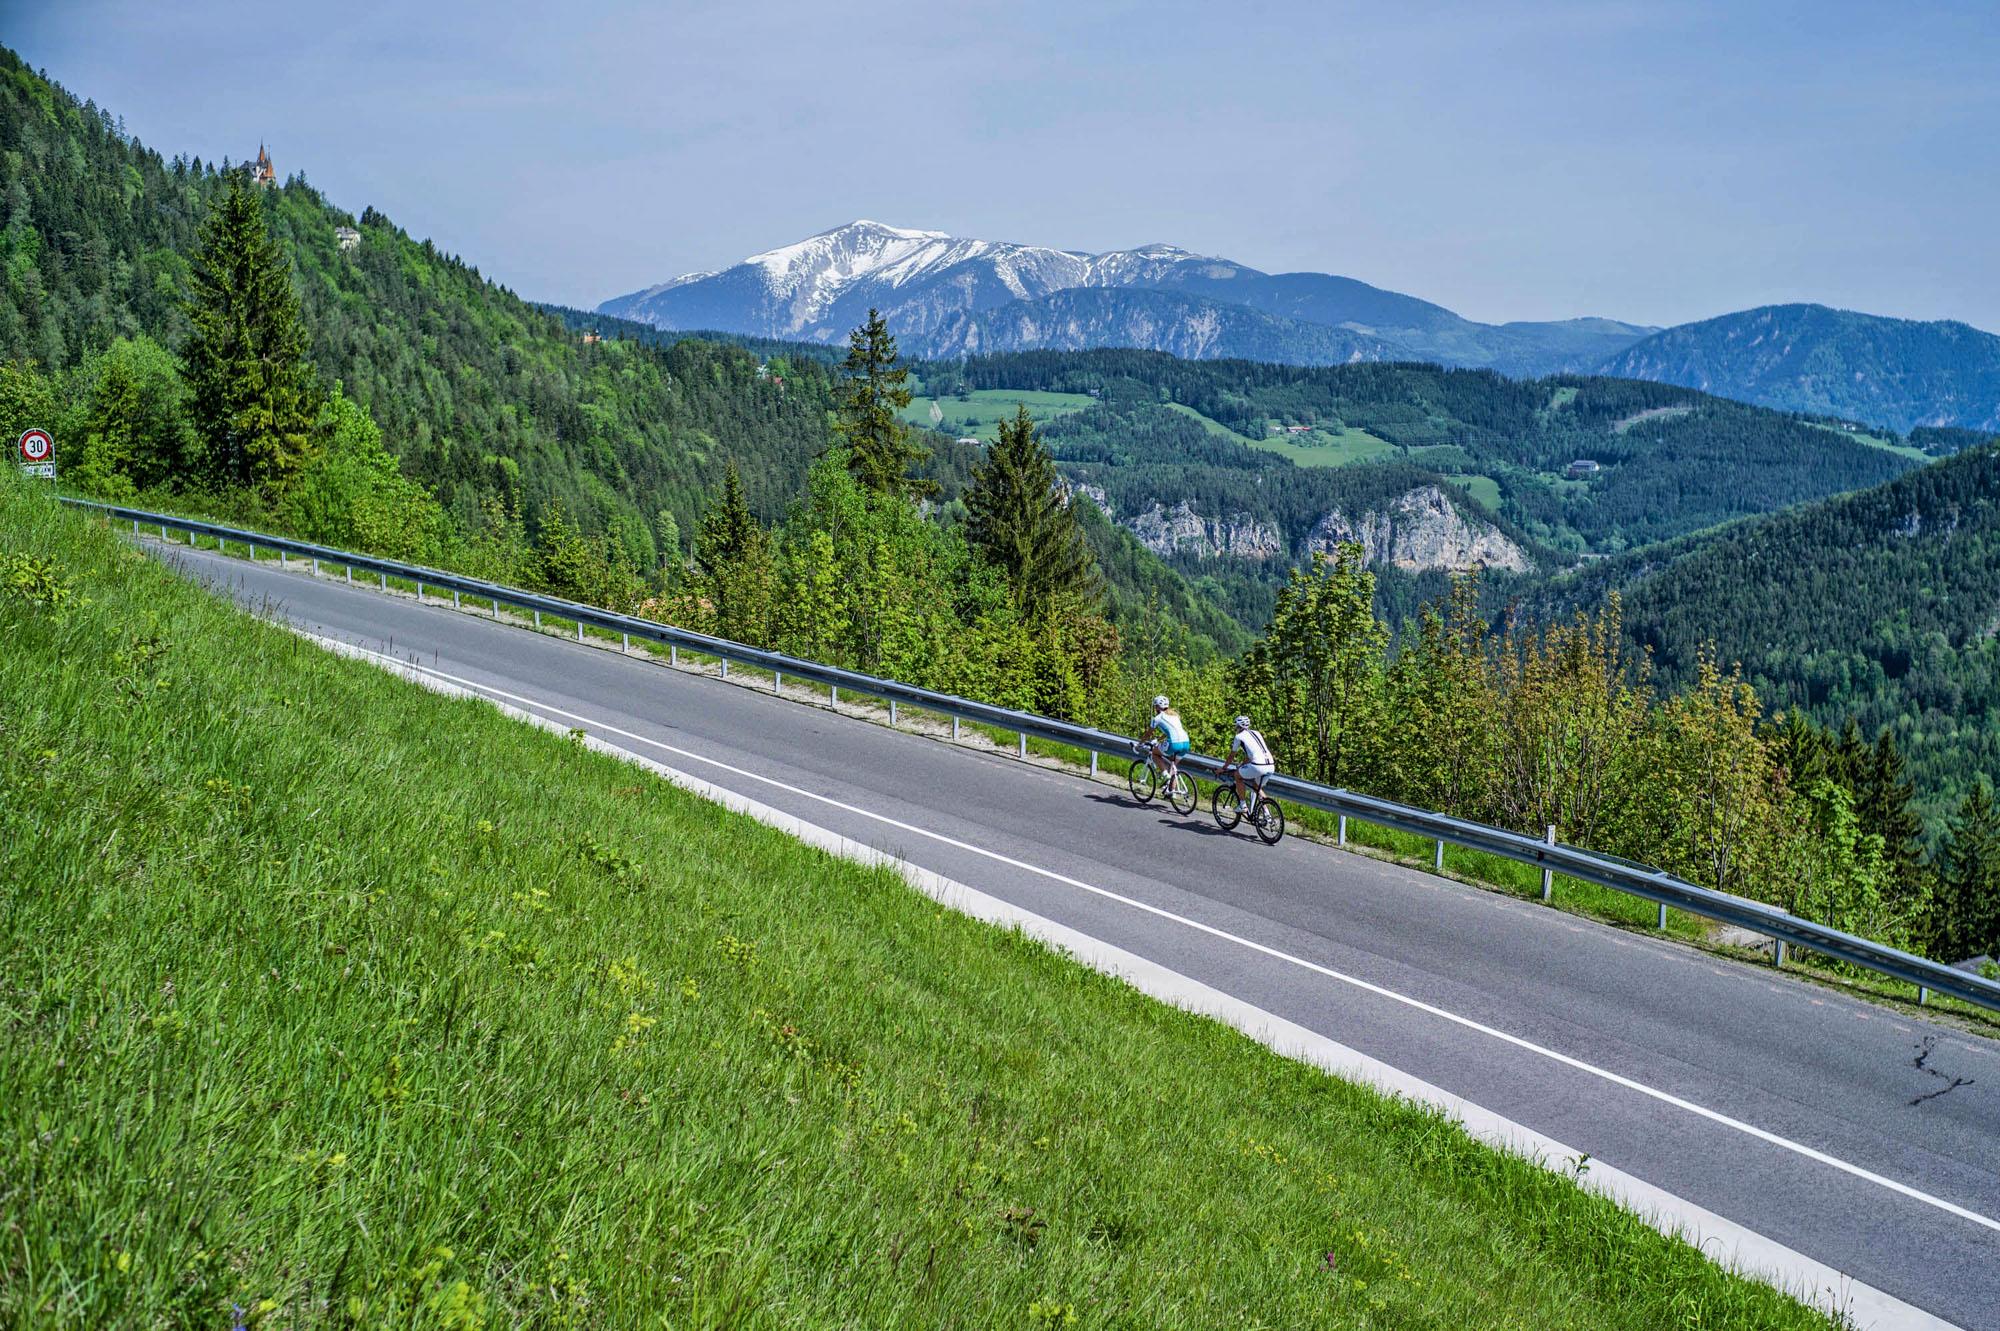 Zwei Radfahrer vor dem Panorama des Schneebergs